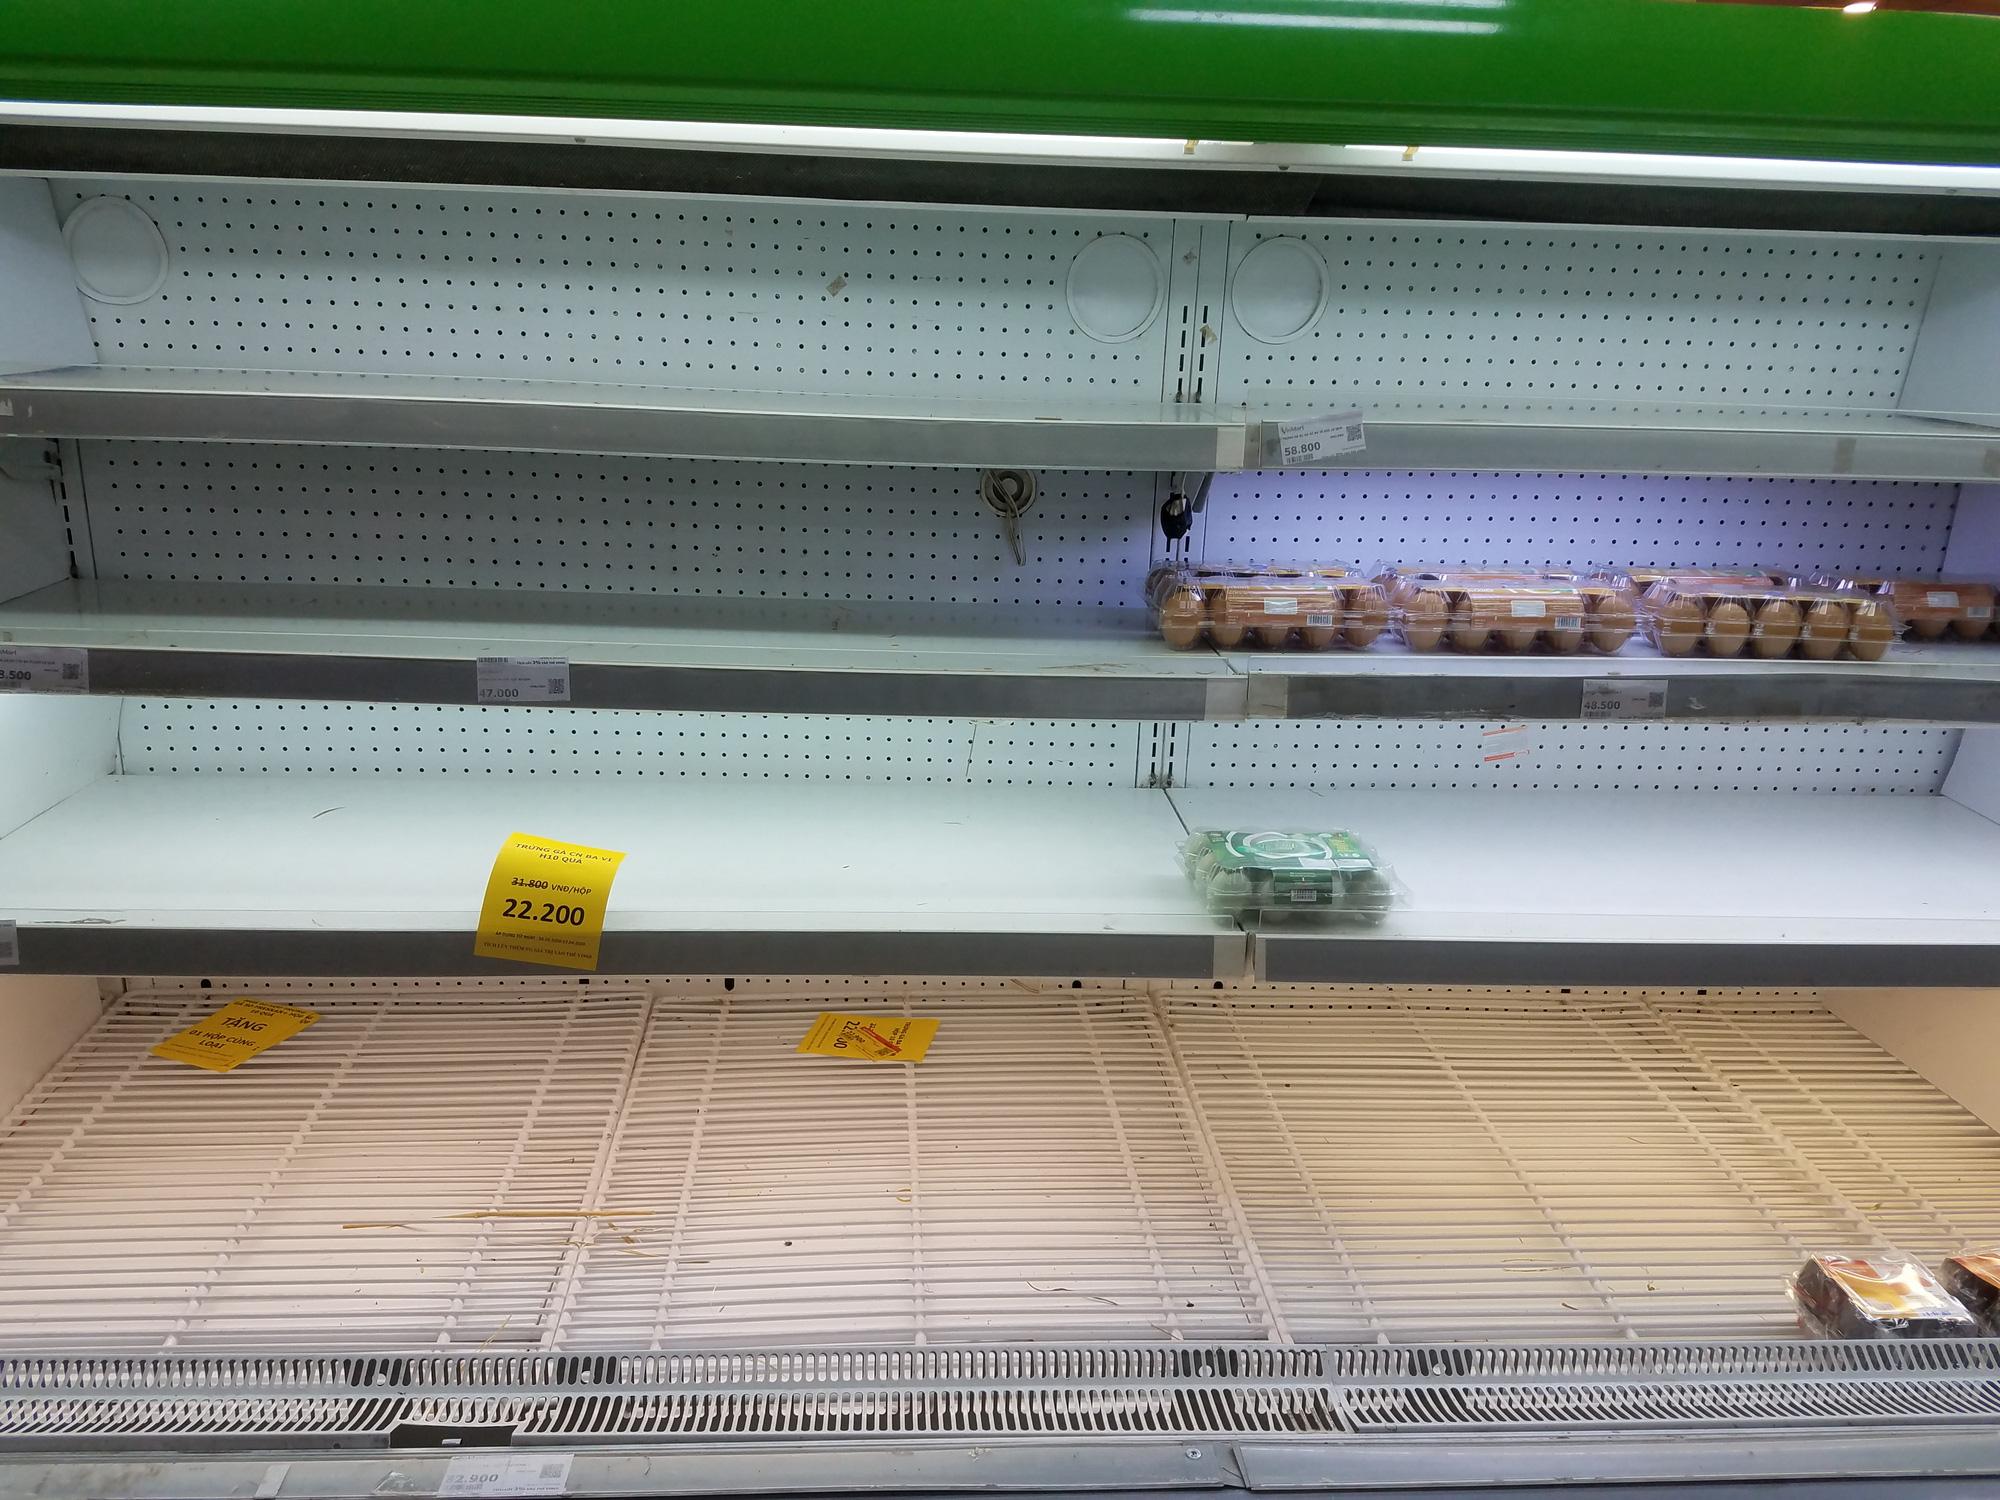 Hà Nội: Người dân tranh thủ ra các chợ, siêu thị mua lương thực và các đồ thiết yếu - Ảnh 4.